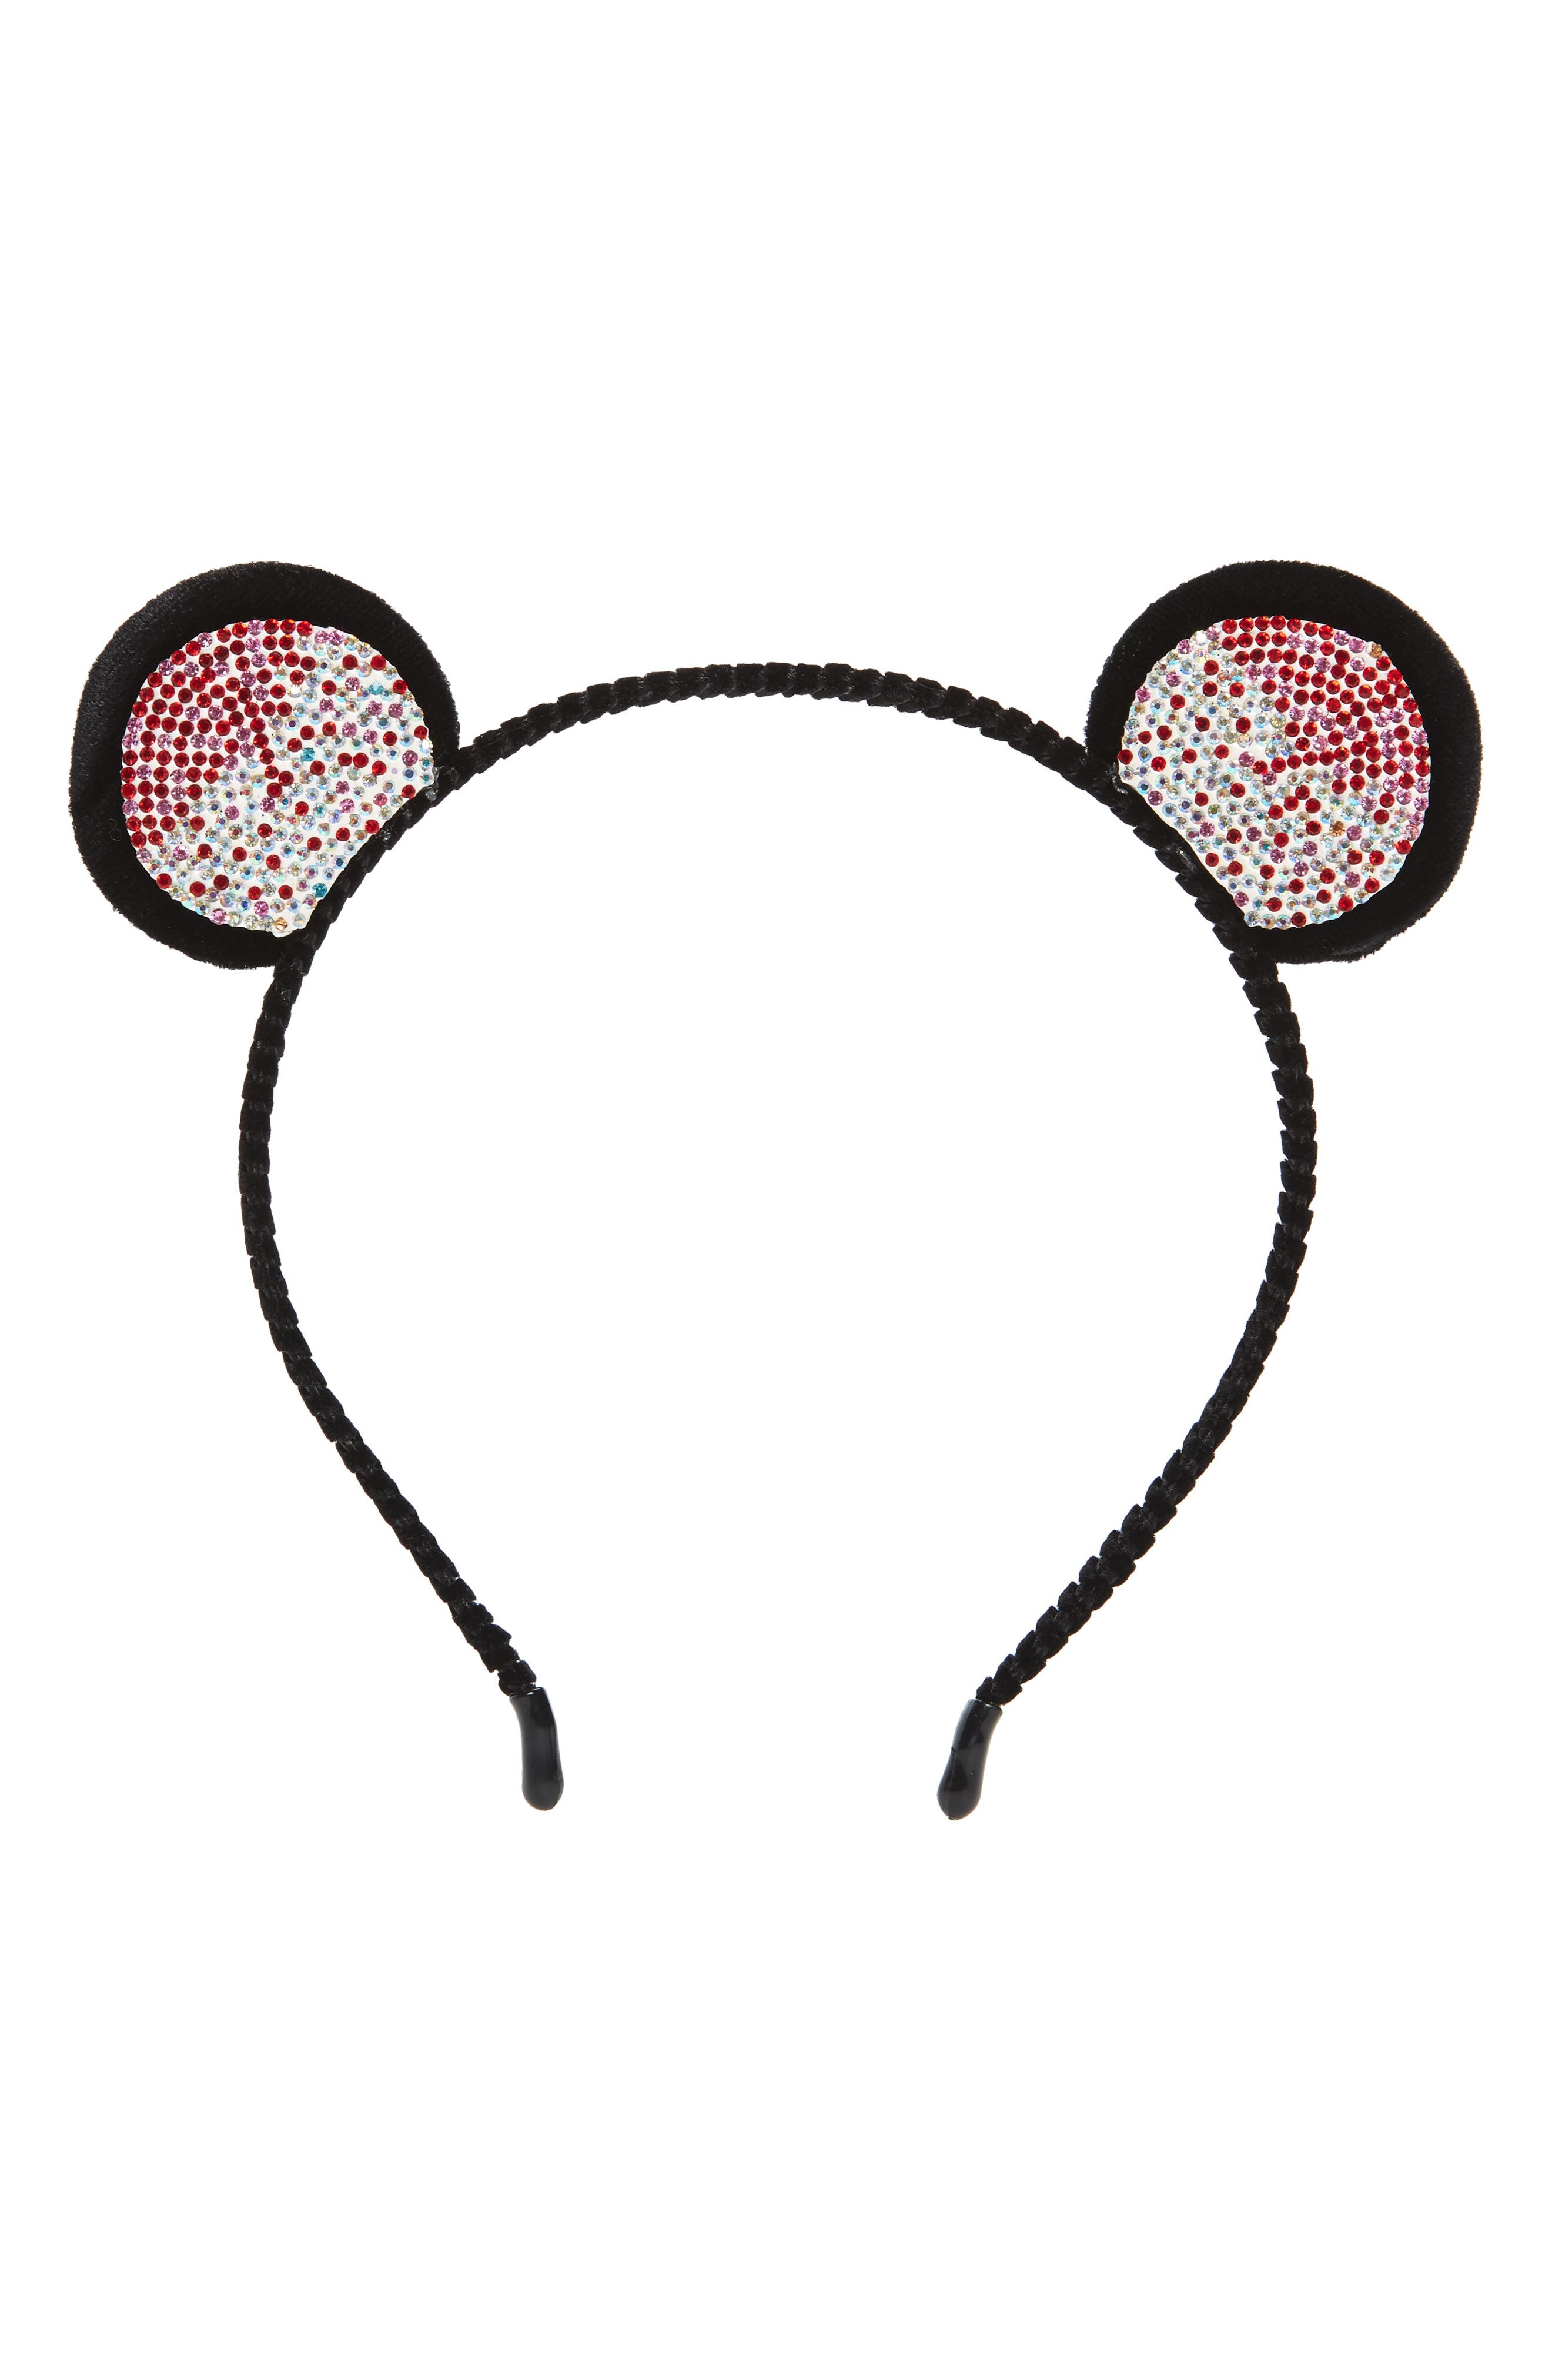 Crystal Bear Ear Headband,                         Main,                         color, Black